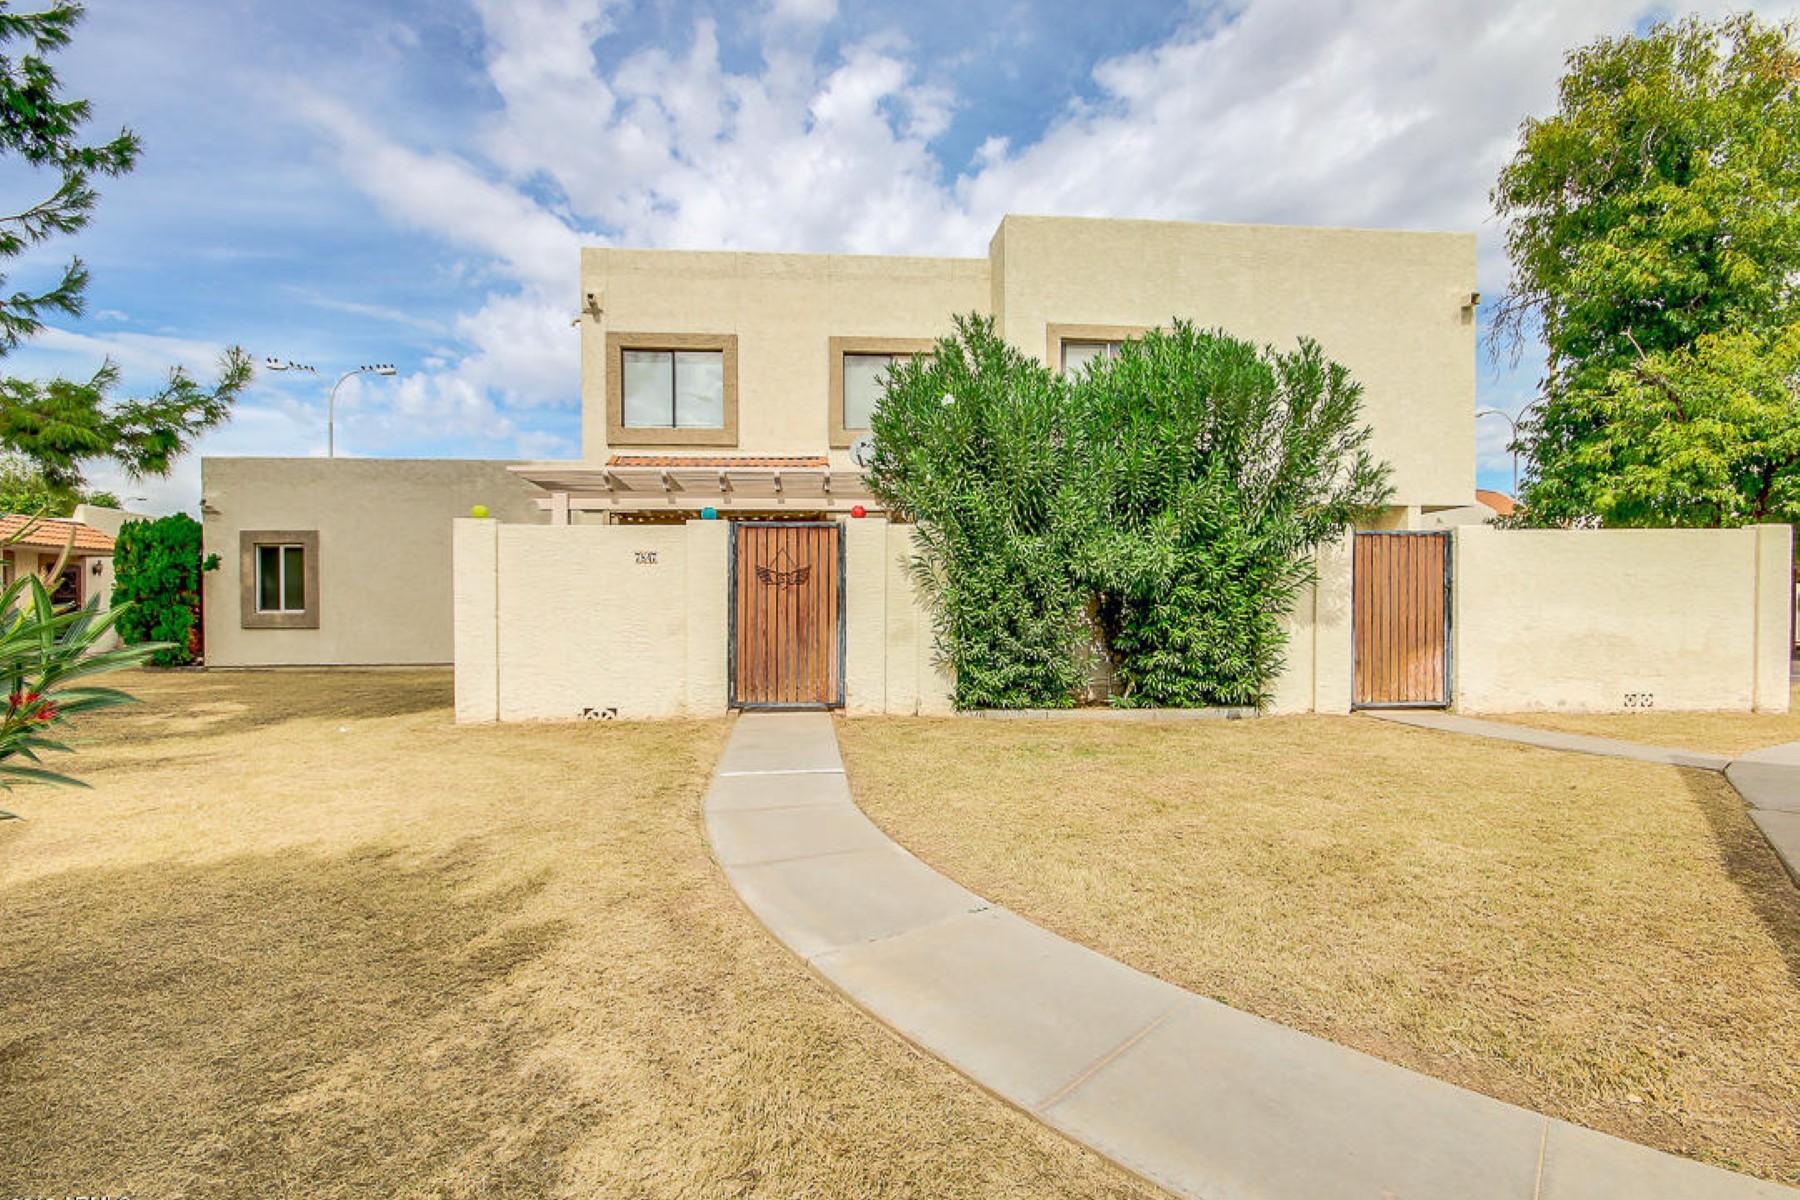 联栋屋 为 销售 在 Updated two bedroom townhouse located in Hallcraft Villas Subdivision 7847 E Keim Dr Scottsdale, 亚利桑那州 85250 美国